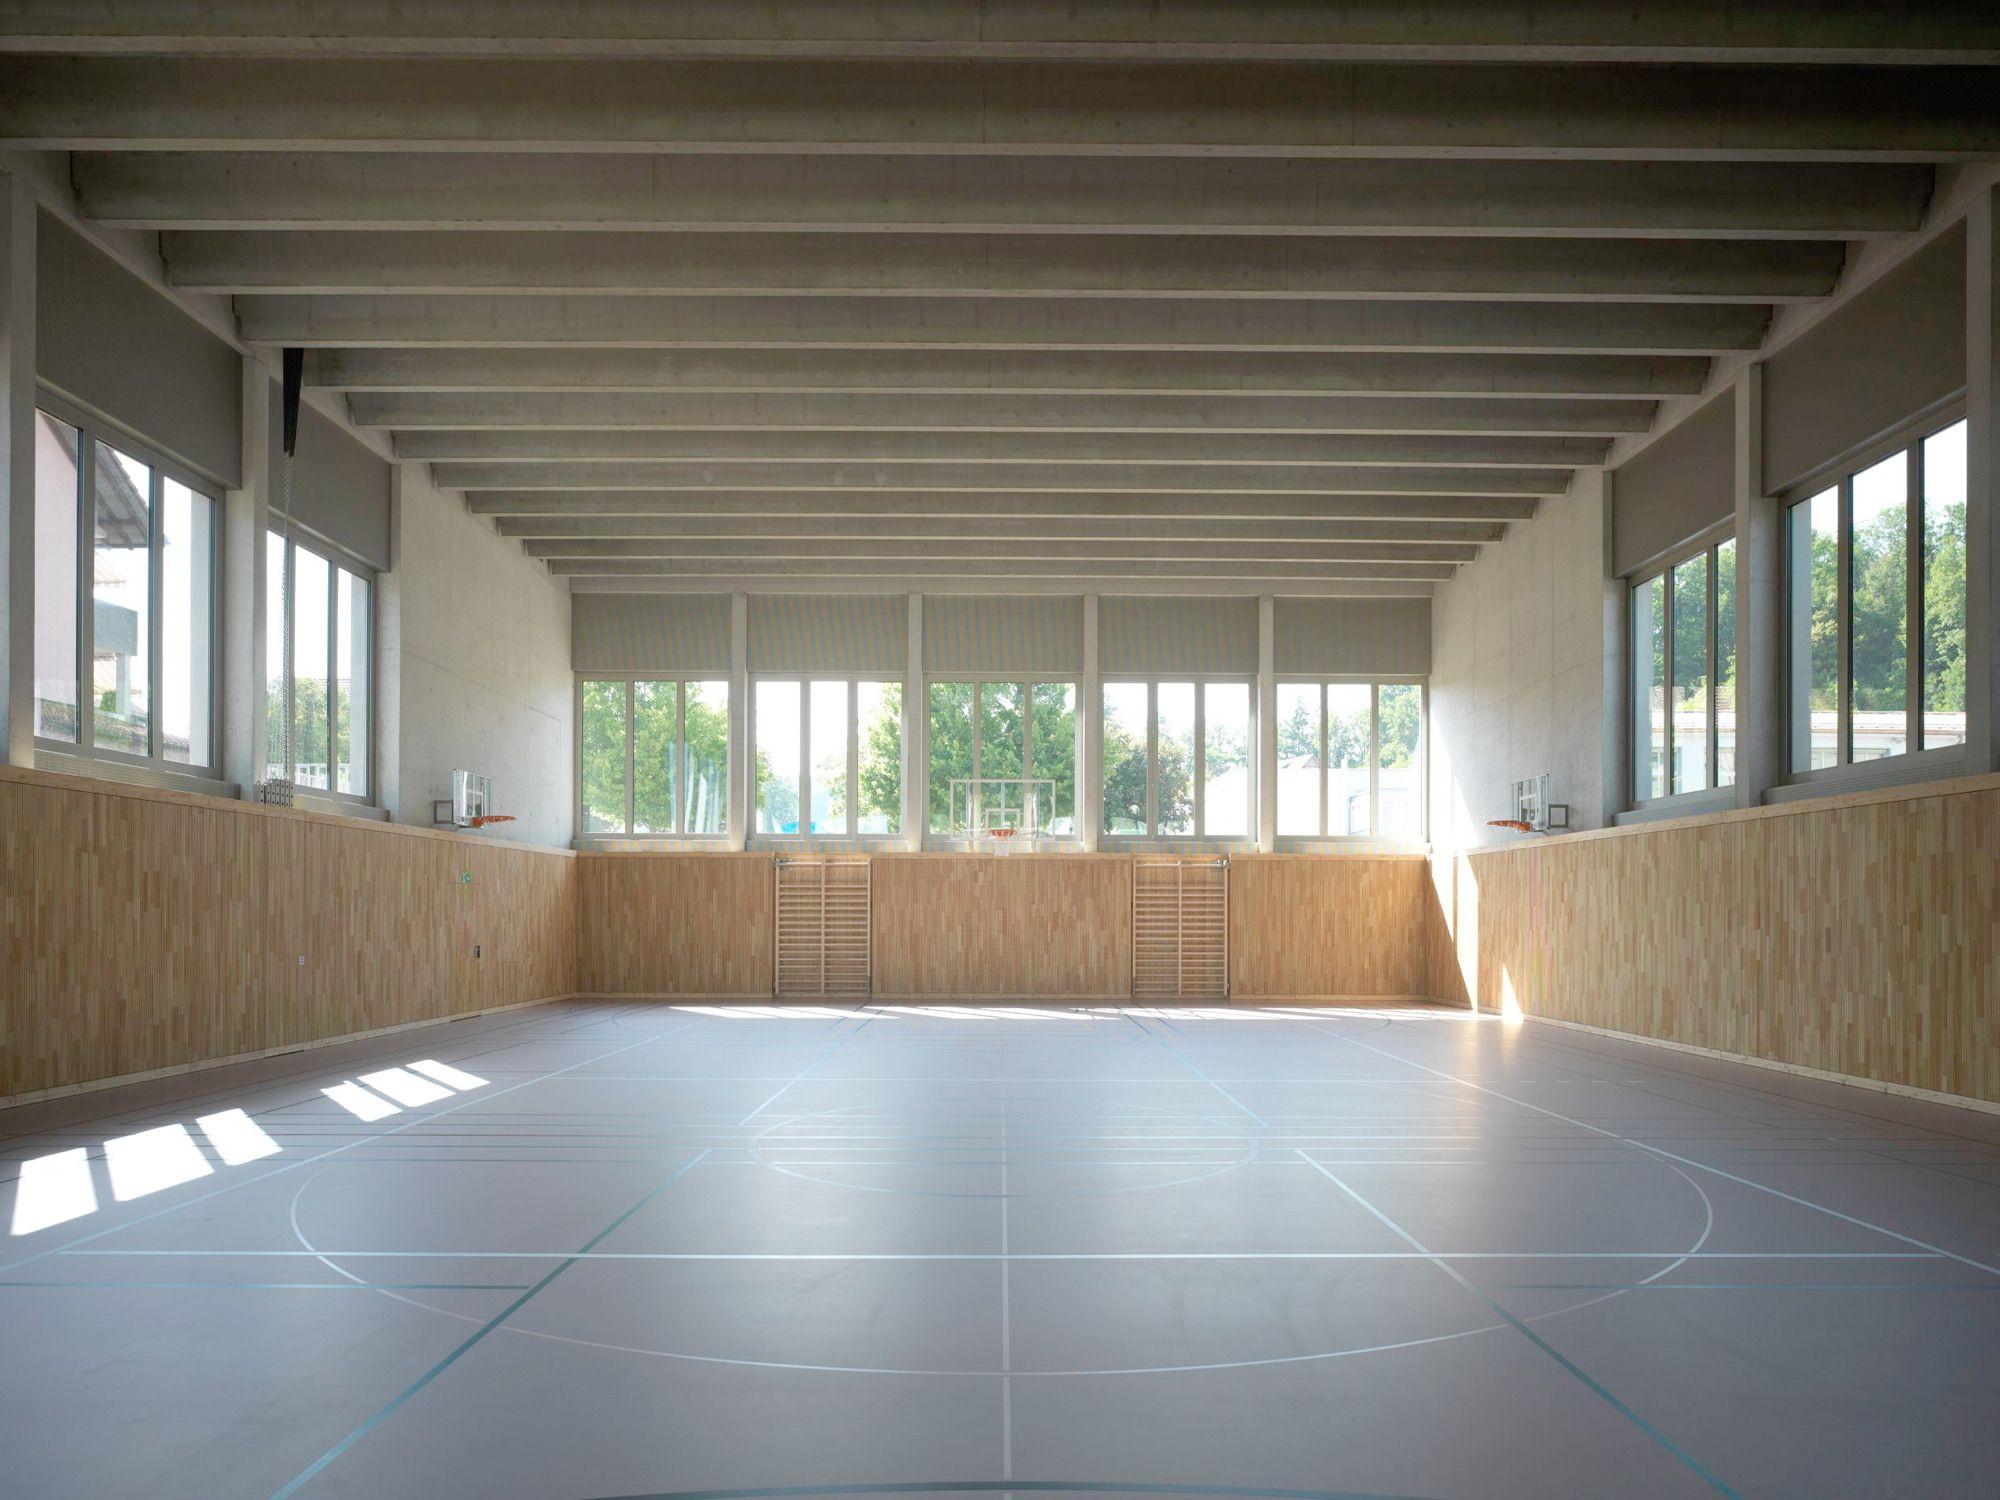 Kein Sport Im Singsaal Turnhalle Und Schulumbau Im Kanton Zürich